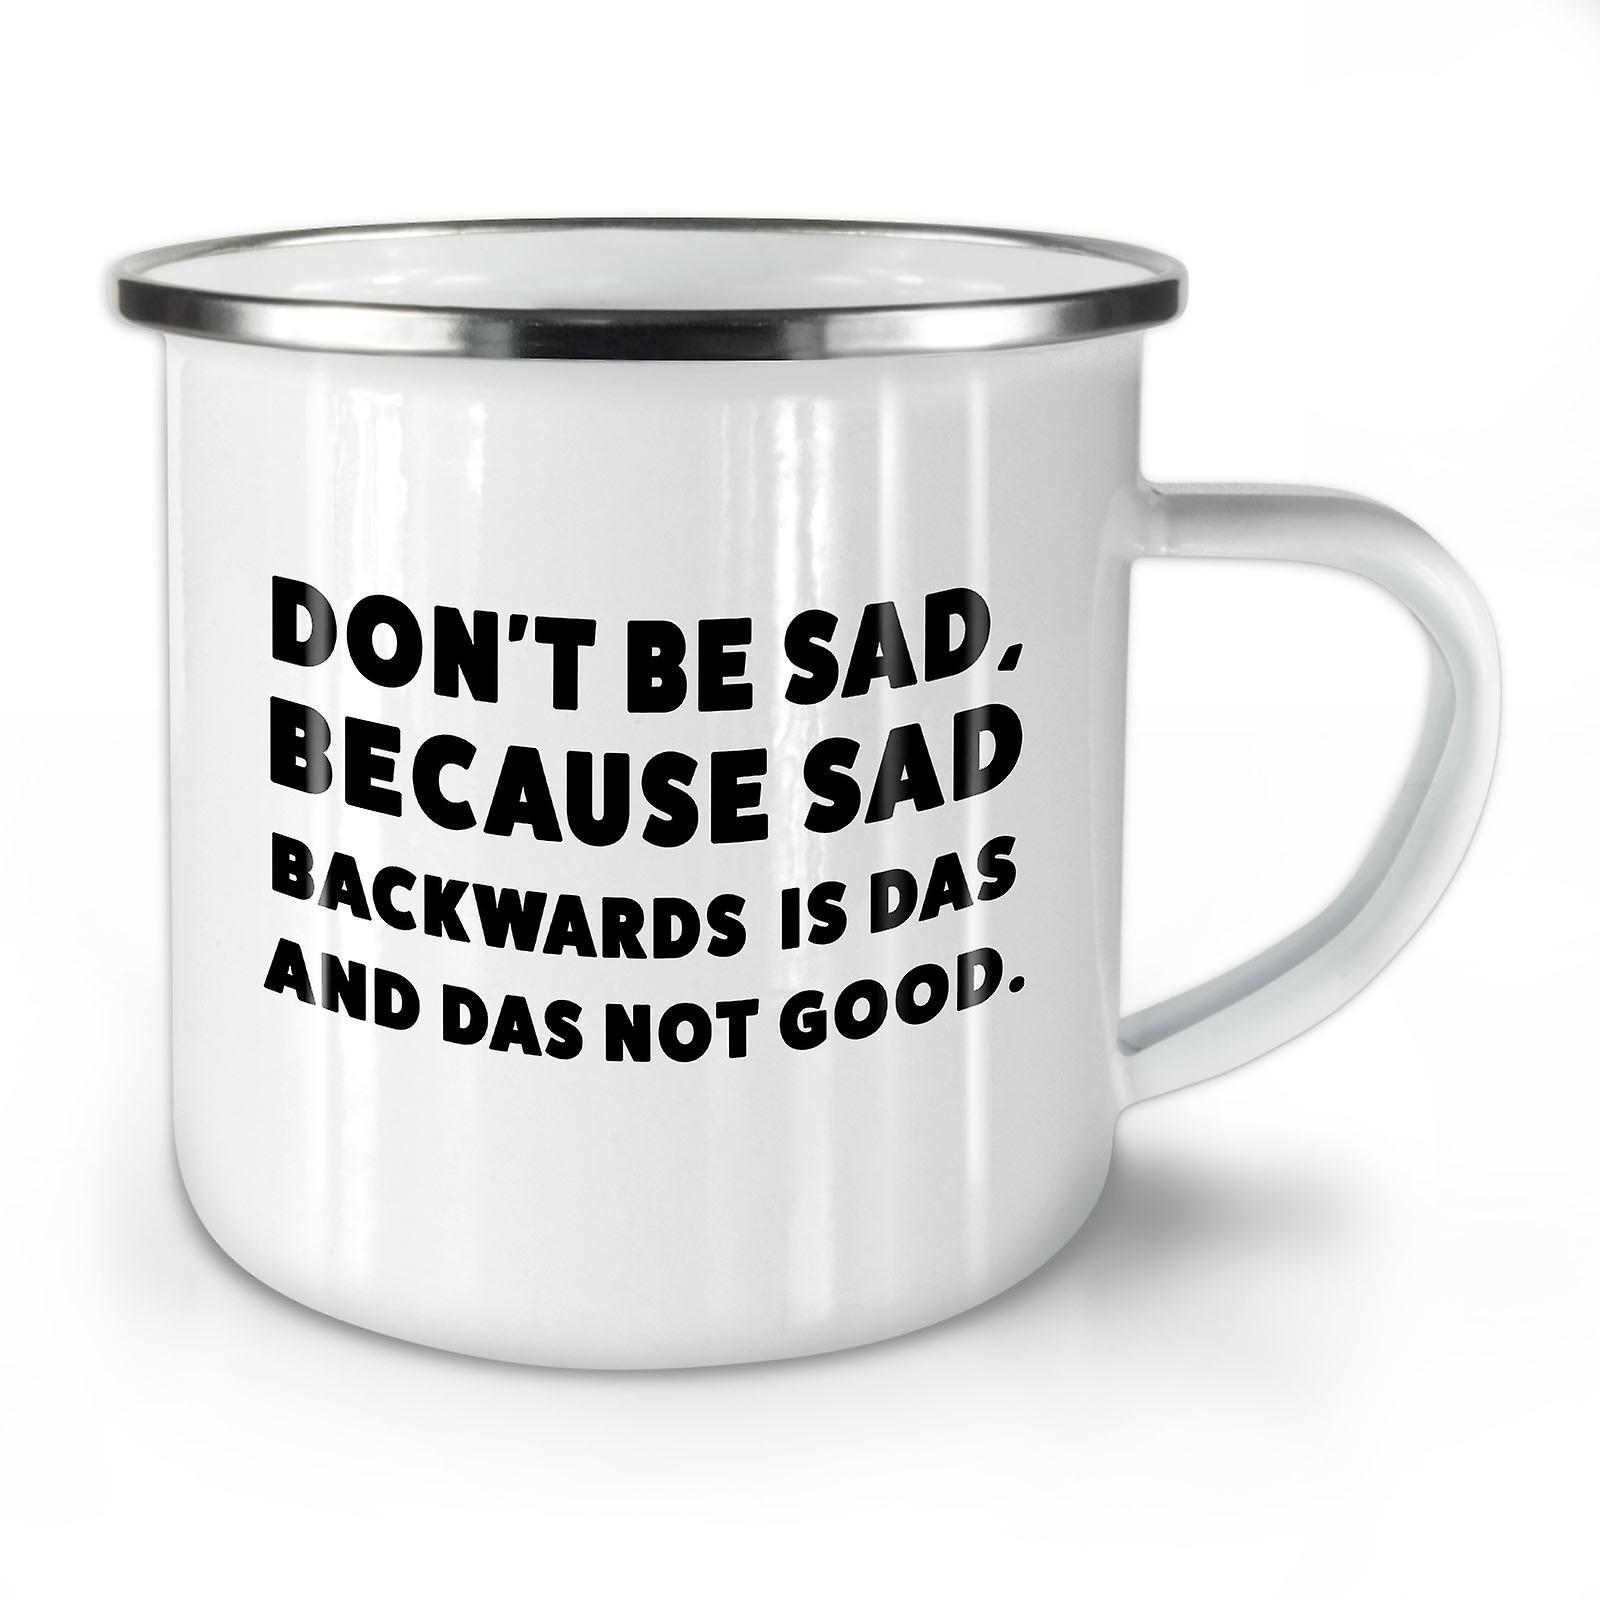 Seien Sie nicht traurig nicht gute neue WhiteTea Kaffee Emaille Mug10 oz | Wellcoda